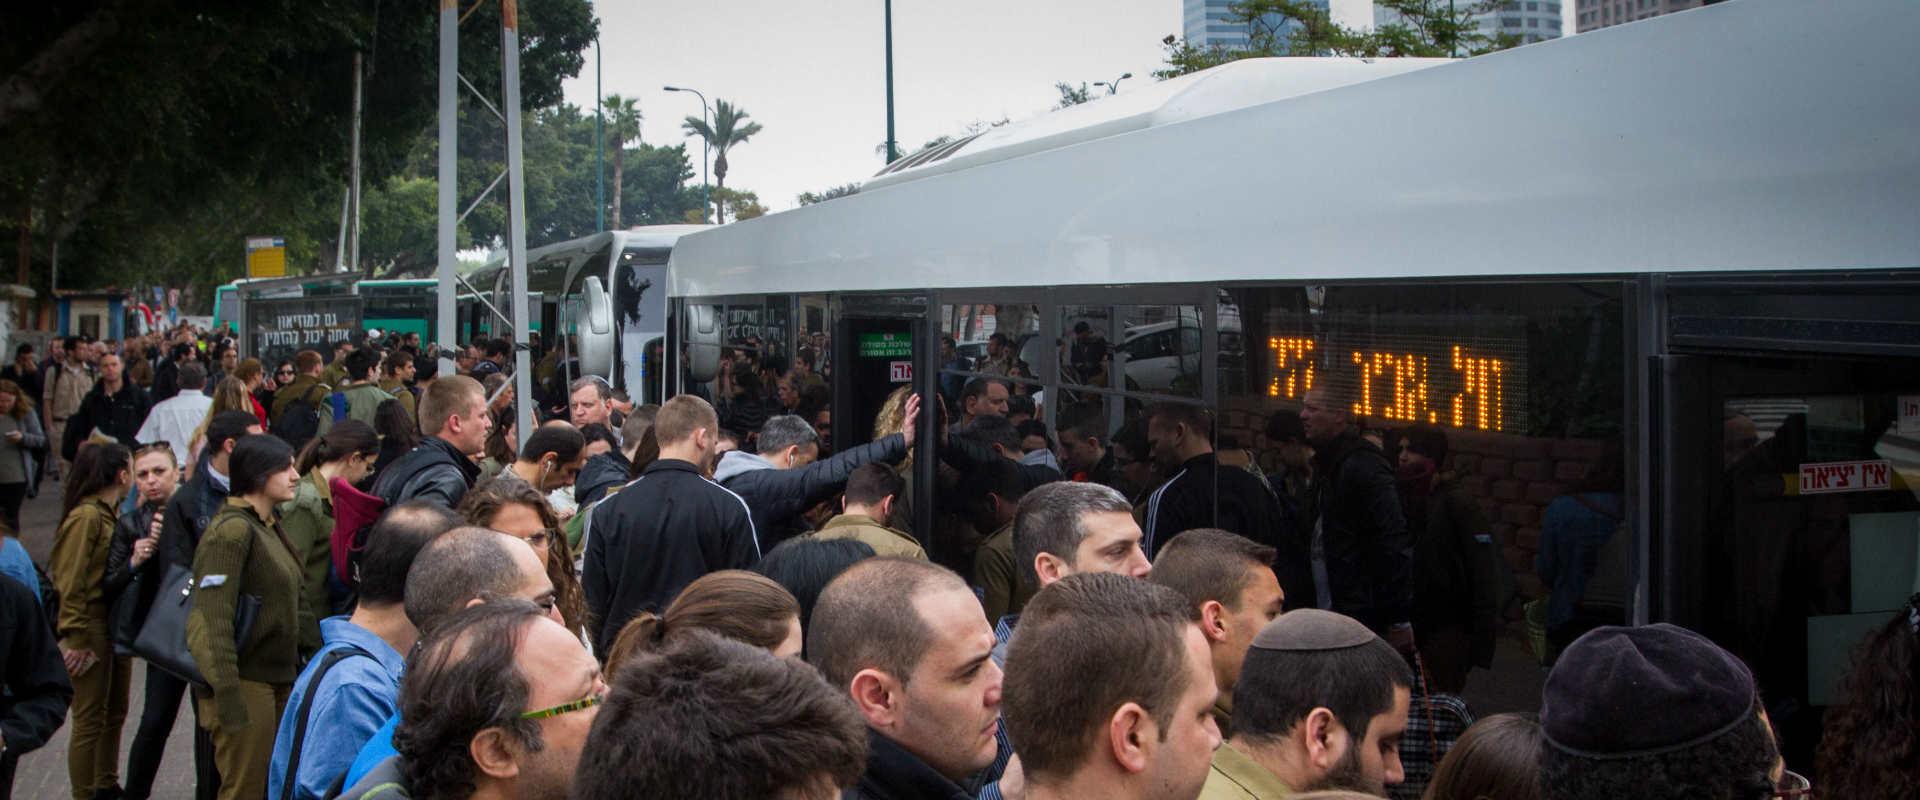 יום רגיל של תחבורה ציבורית בישראל (צילום: פלאש 90)